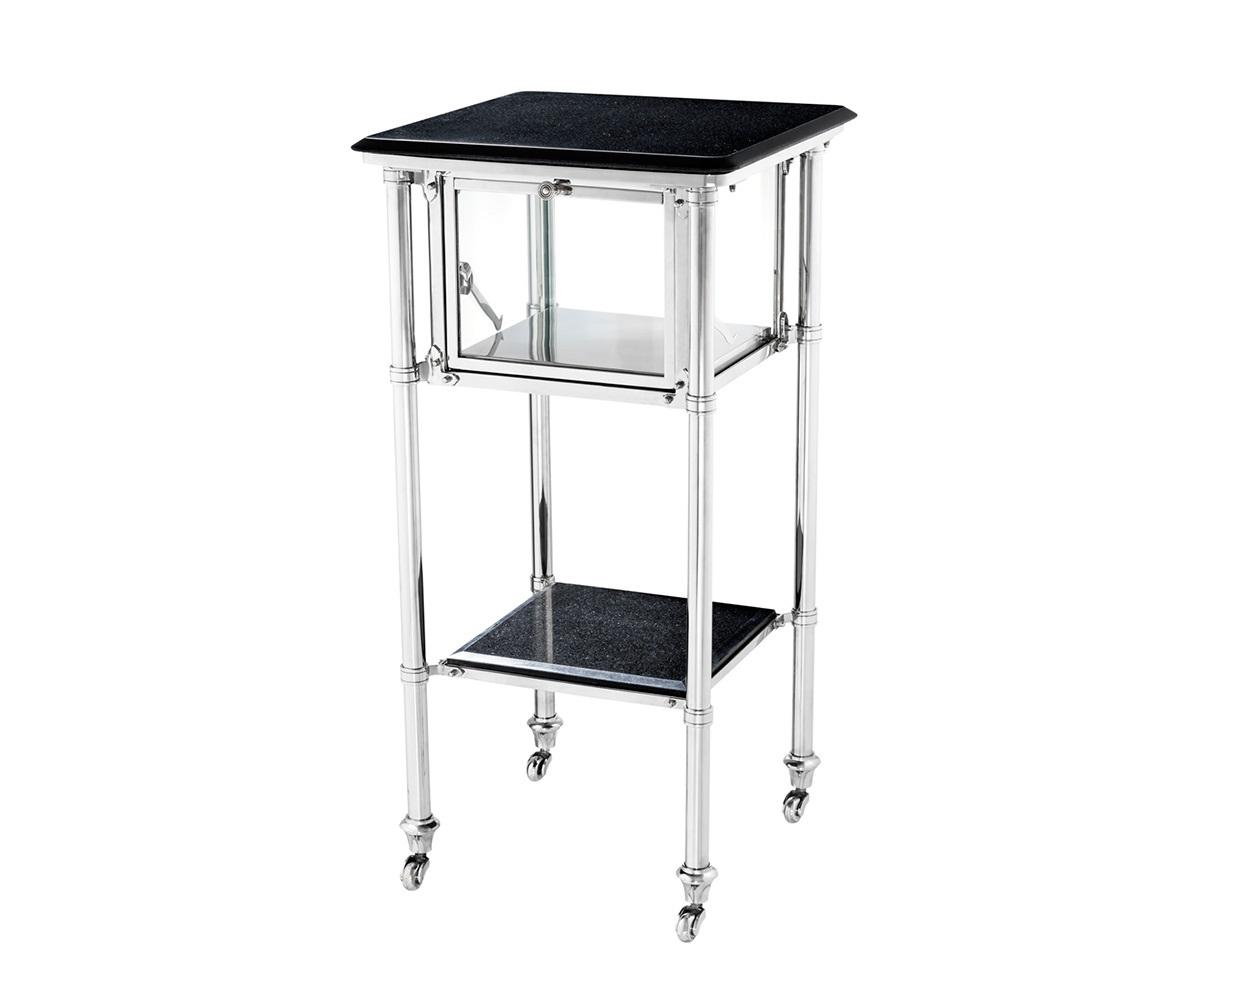 СтолСервировочные столики<br>Сервировочный столик Side Table Pitanguy на колесиках выполнен из никелированного металла. Столешница и нижняя полка из гранита черного цвета. Под столешницей отсек с прозрачными стеклянными створками и стеклянной дверцей.<br><br>Material: Металл<br>Width см: 39<br>Depth см: 39<br>Height см: 80